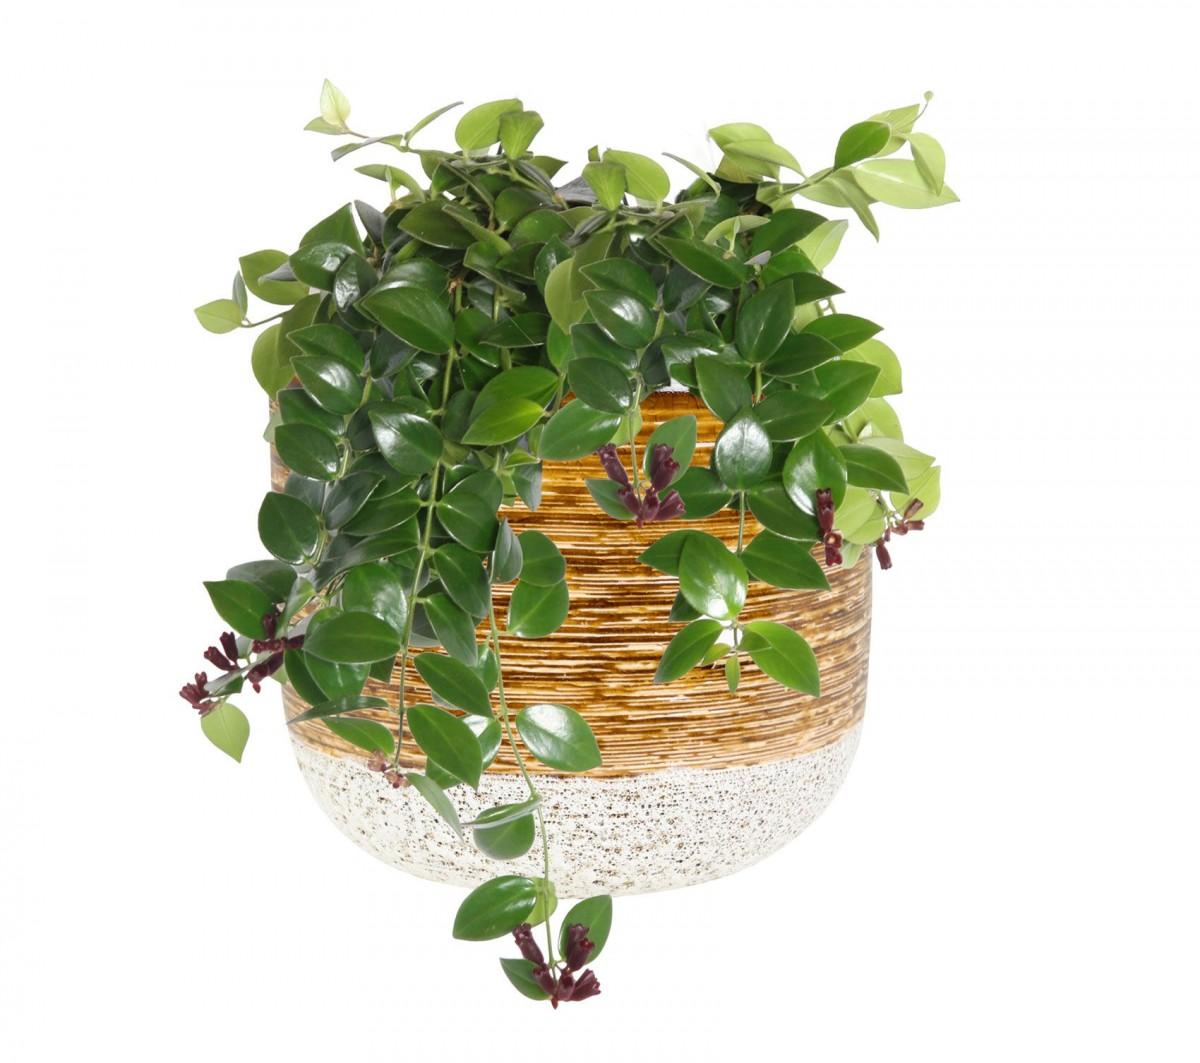 Plantenkamer-issa-mosterd-wandhanger